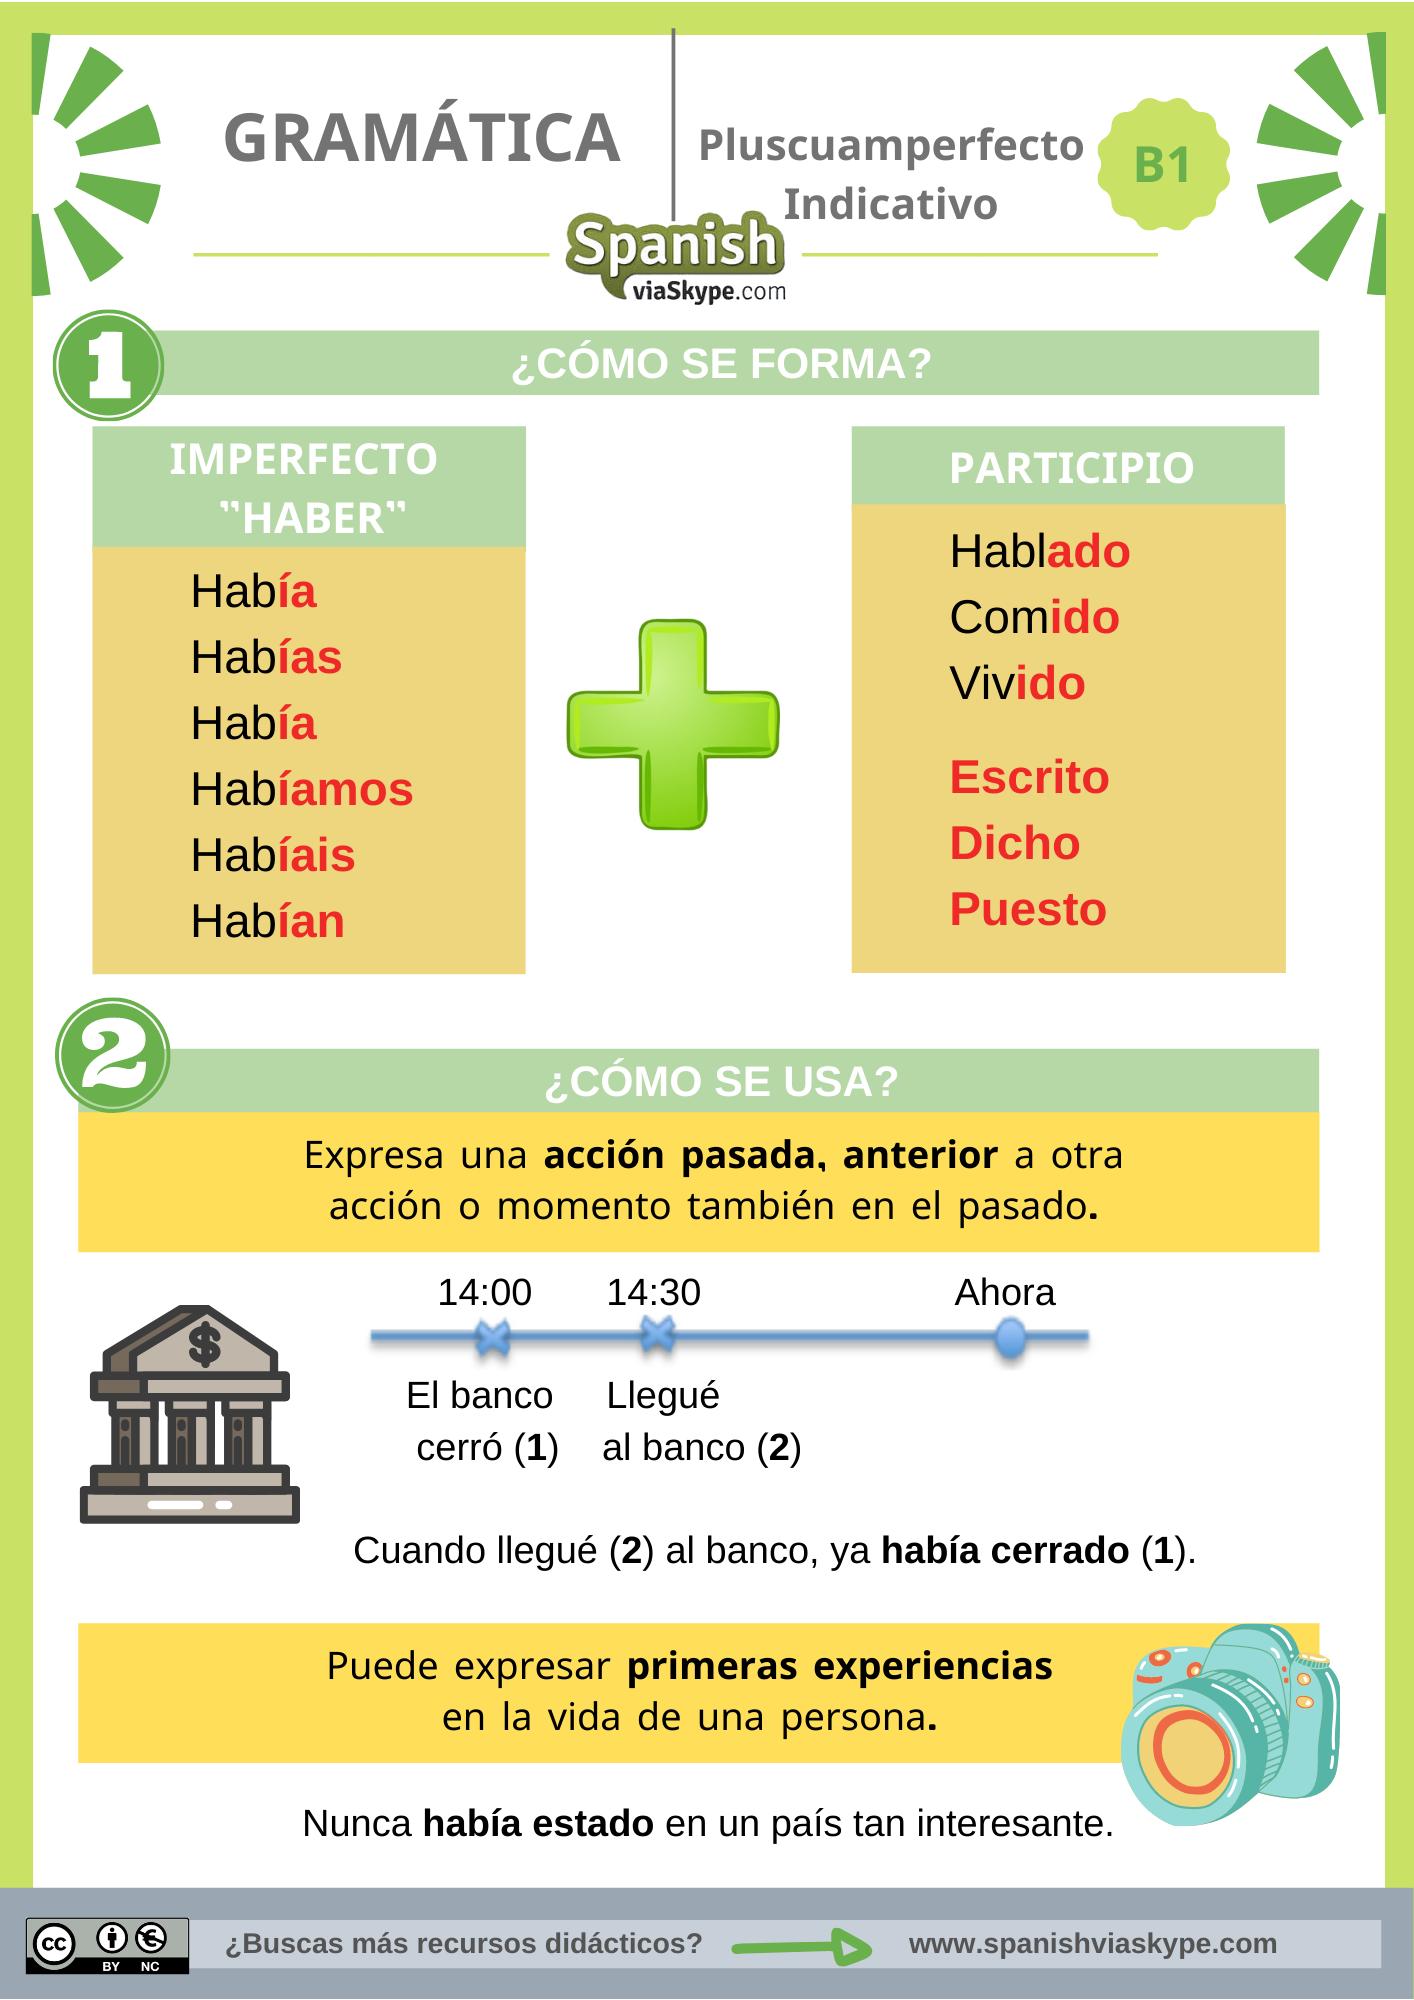 Infografía del Pretérito pluscuamperfecto de indicativo en español